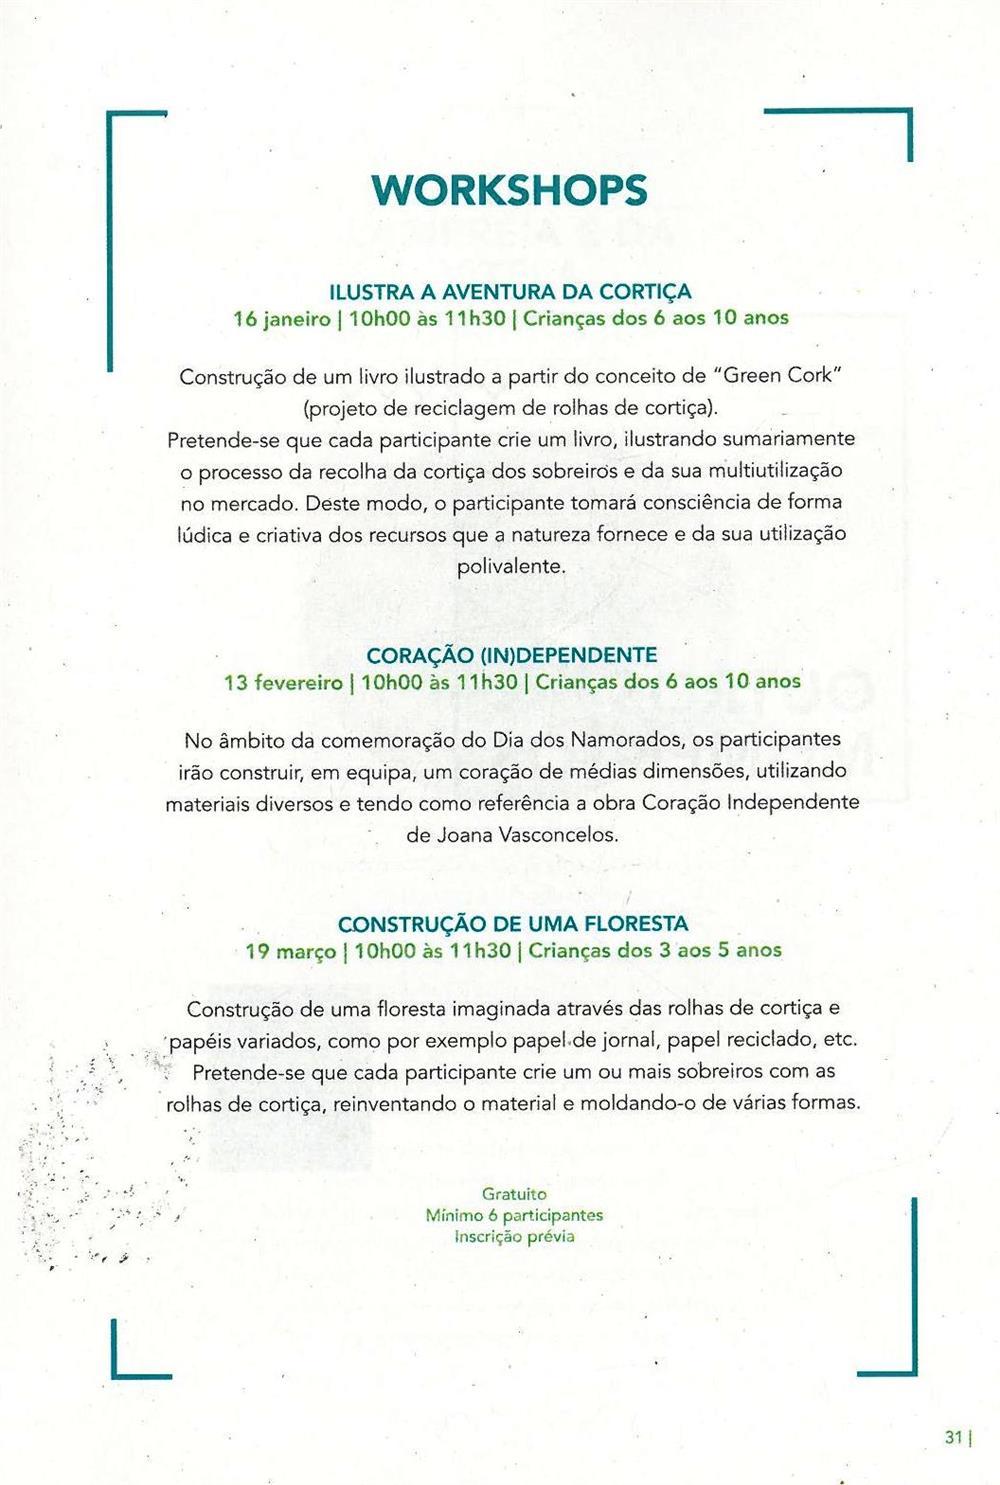 ACMSV-jan.,fev.,mar.'16-p.31-Workshops : ilustra a aventura da cortiça : coração independente : construção de uma floresta.jpg